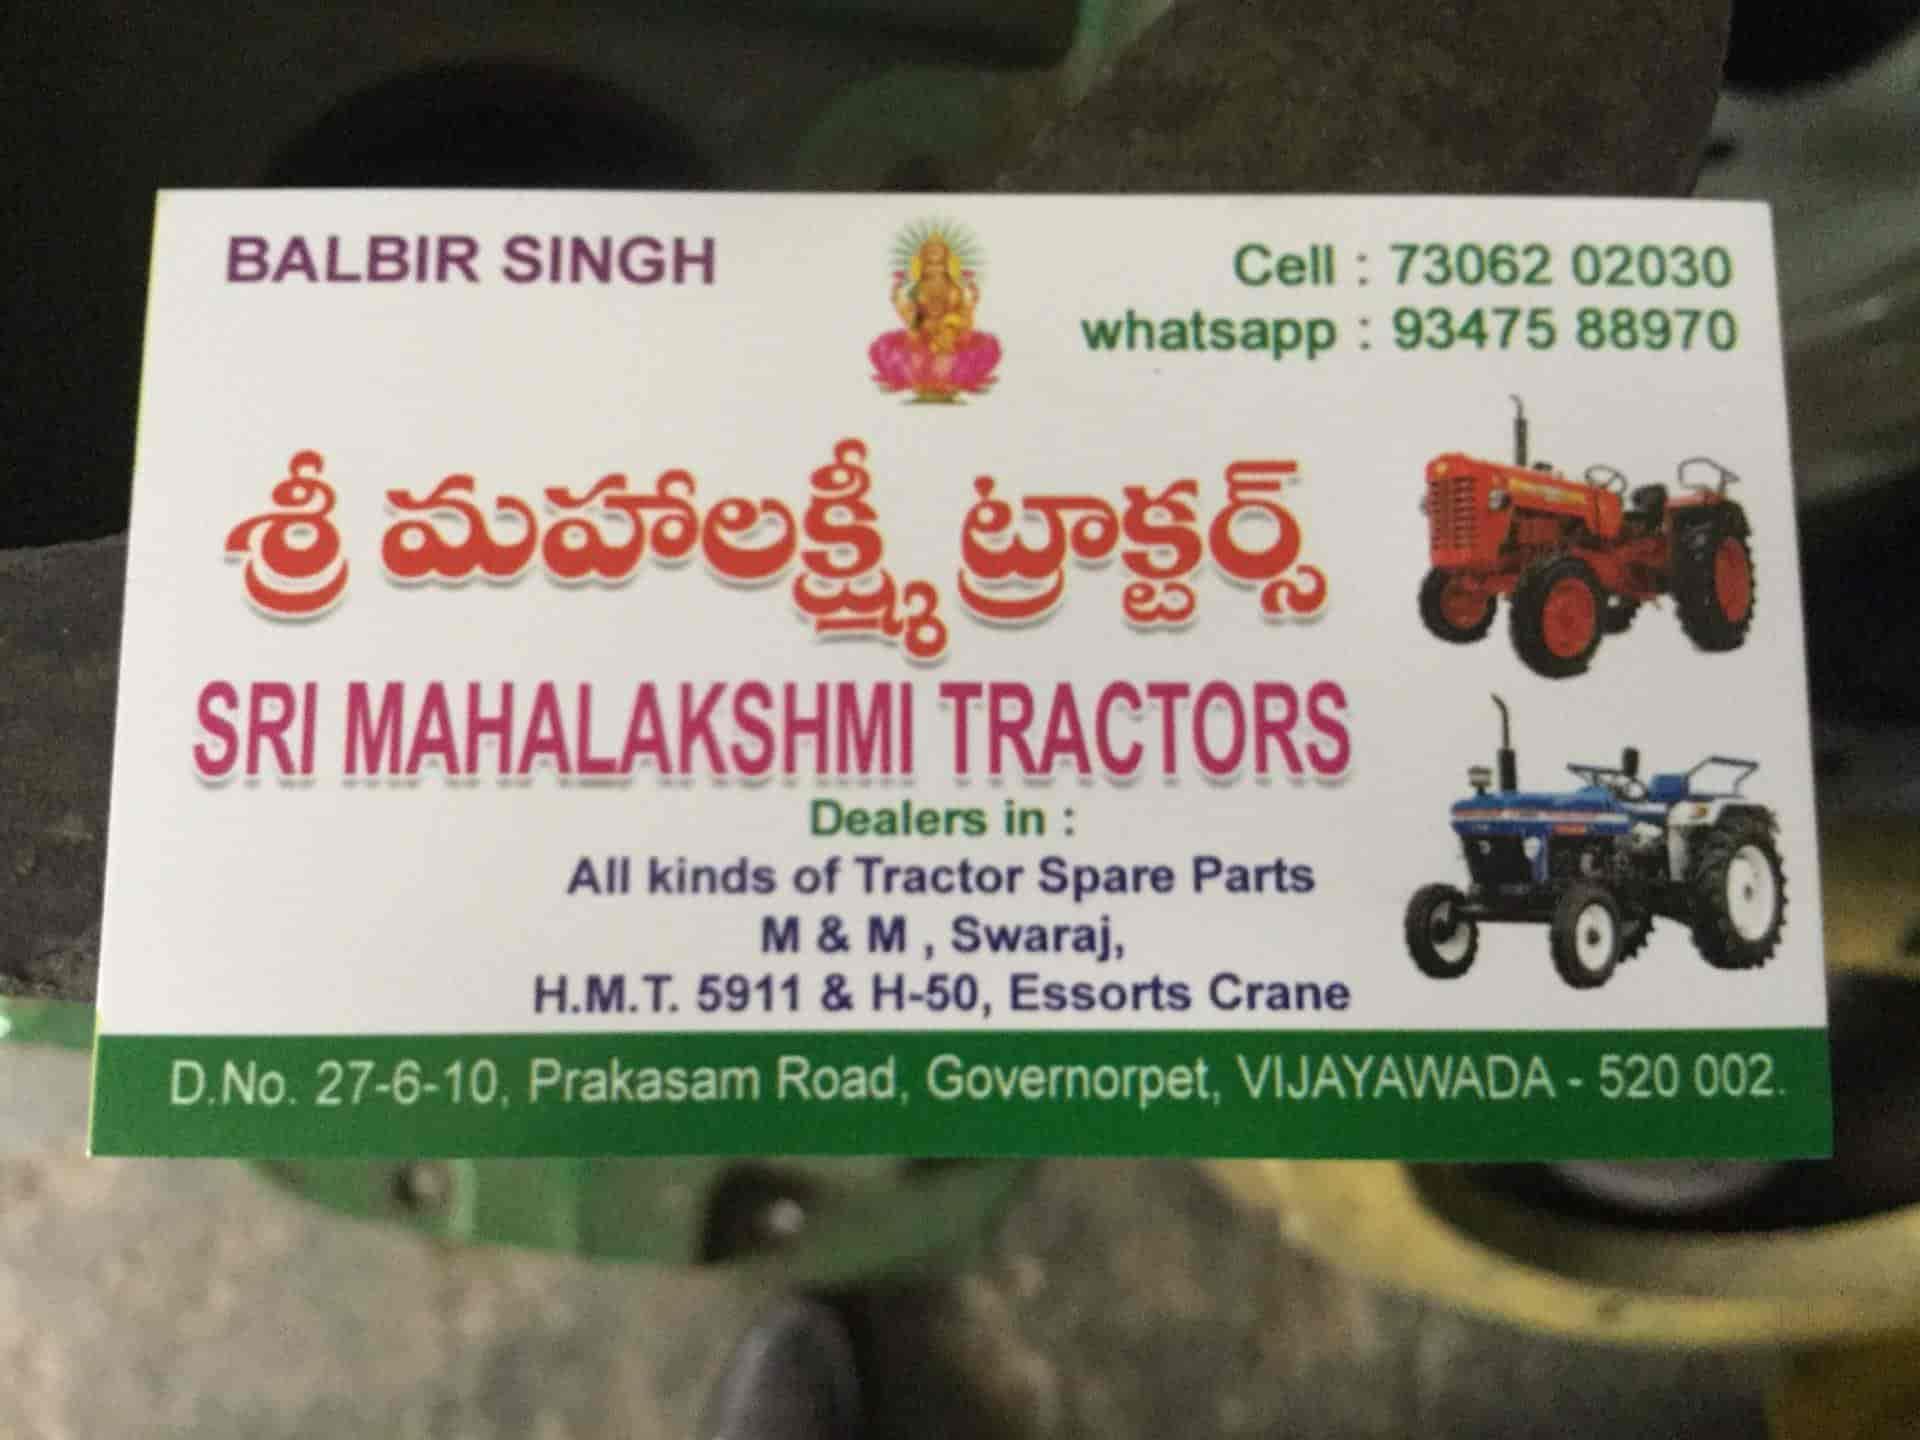 Sri Mahalakshmi Tractors, Suryarao Pet - Tractor Spare Part Dealers